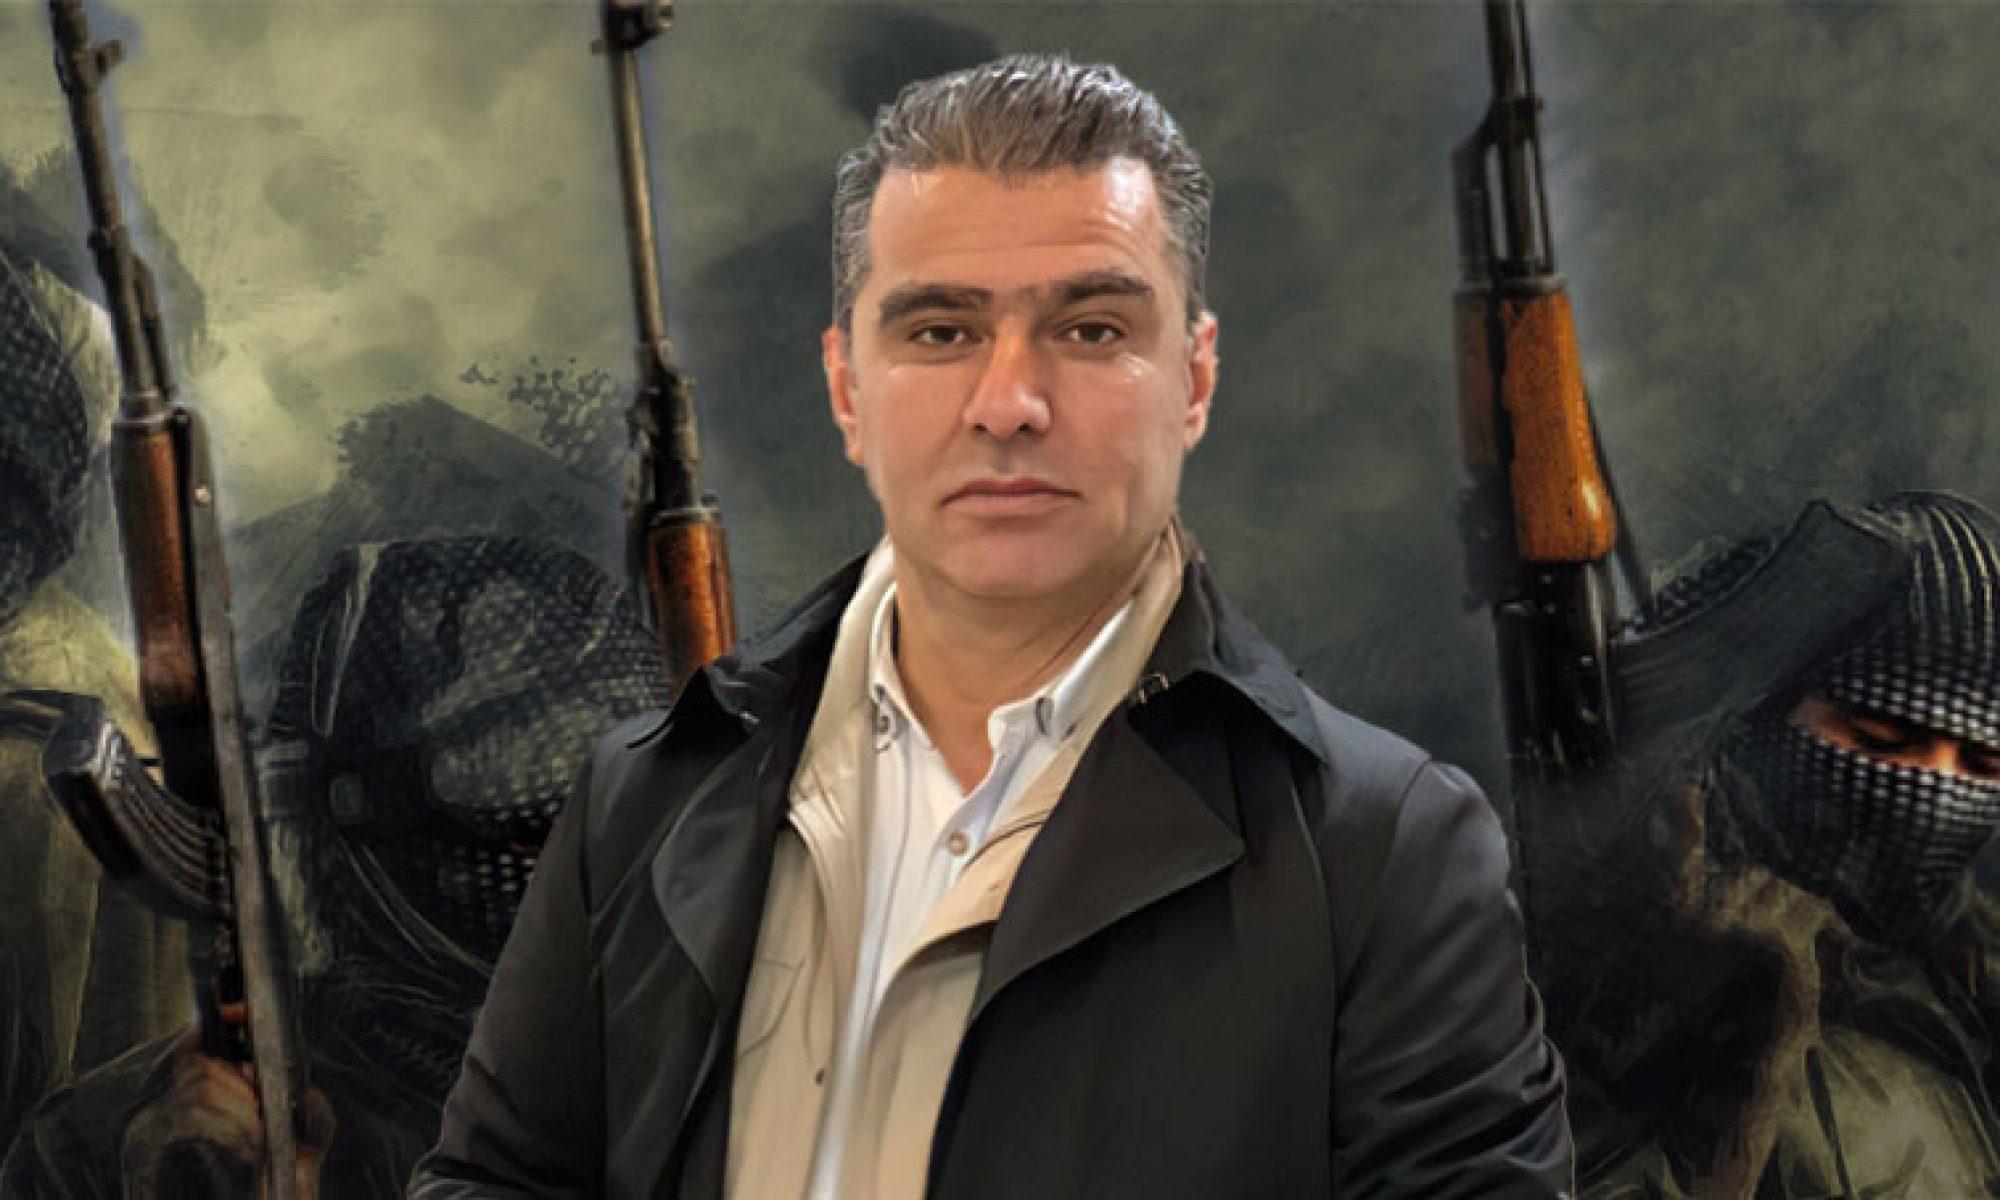 12 gün sonra PKK'den Xazi Salih Elixan'ın katledilmesine dönük açıklama HPG BİM, Cemil Bayık, KCK; Kürdistan, Suikats